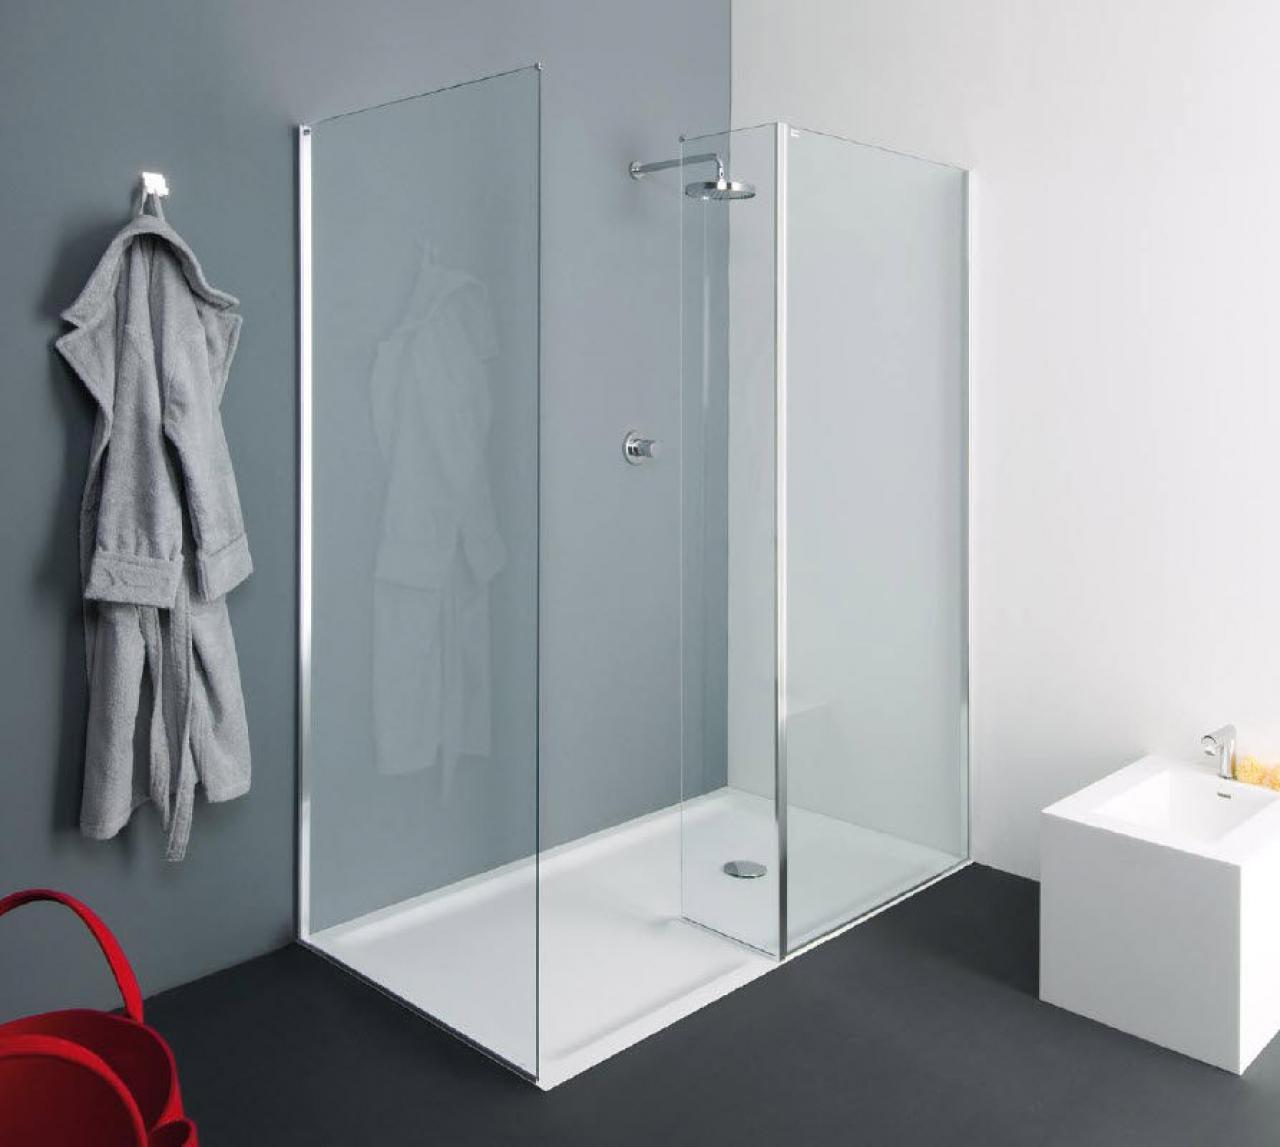 Box doccia moderno caratteristiche per scegliere un buon - Box doccia vicenza ...